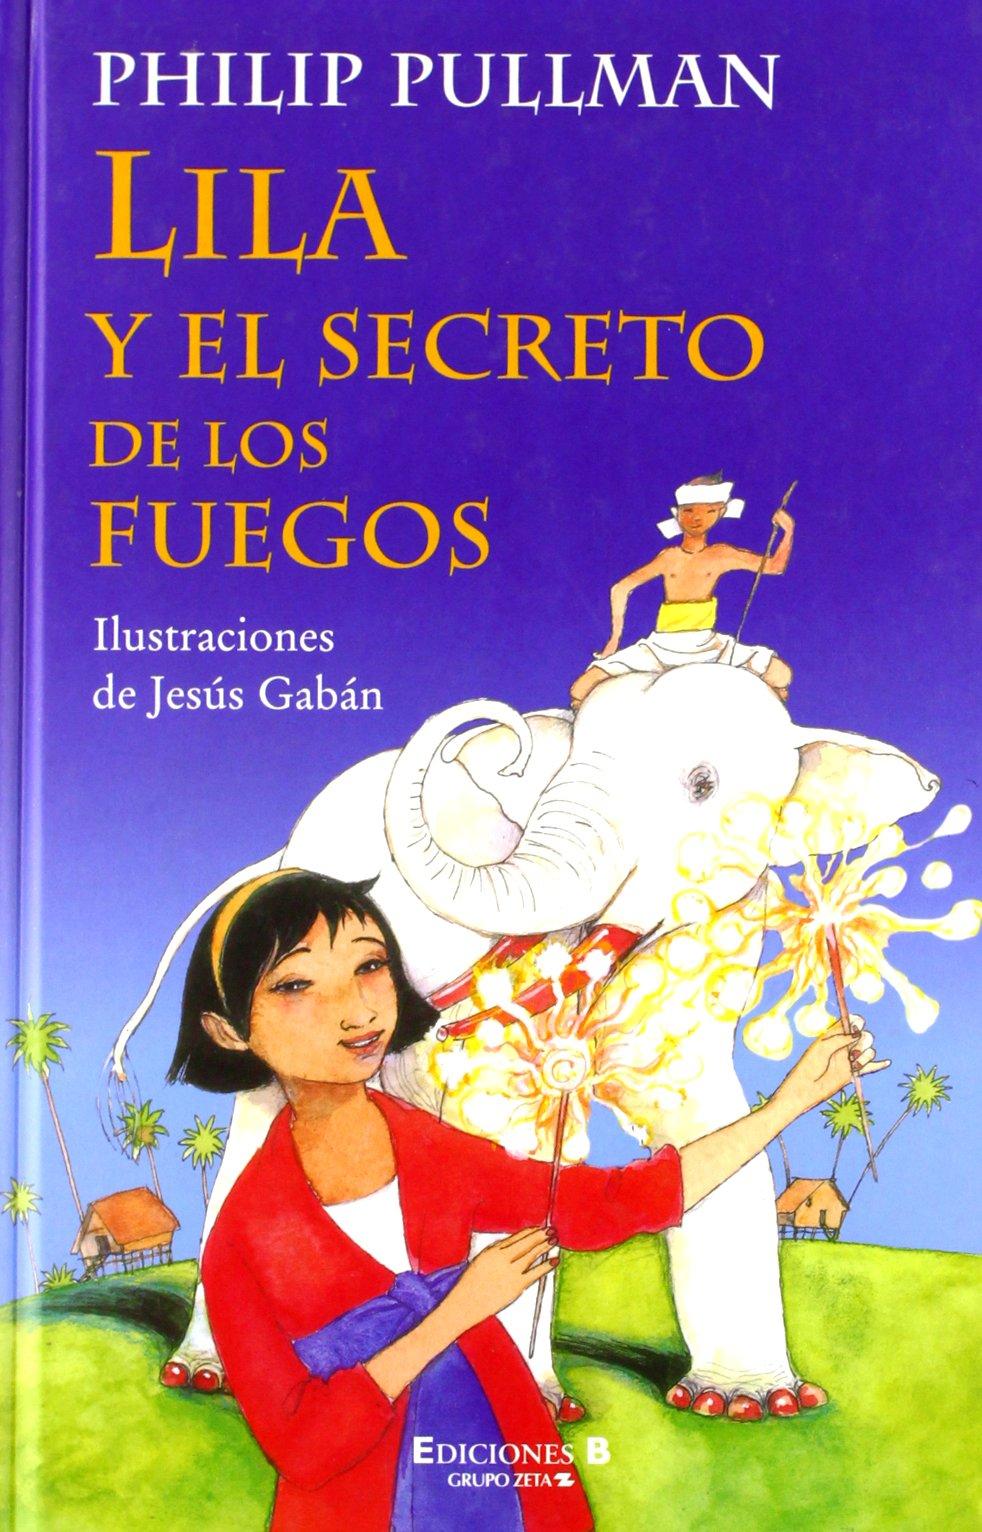 Lila y el secreto de los fuegos (La Escritura Desatada) (Spanish Edition) (Spanish) Hardcover – January 1, 2007